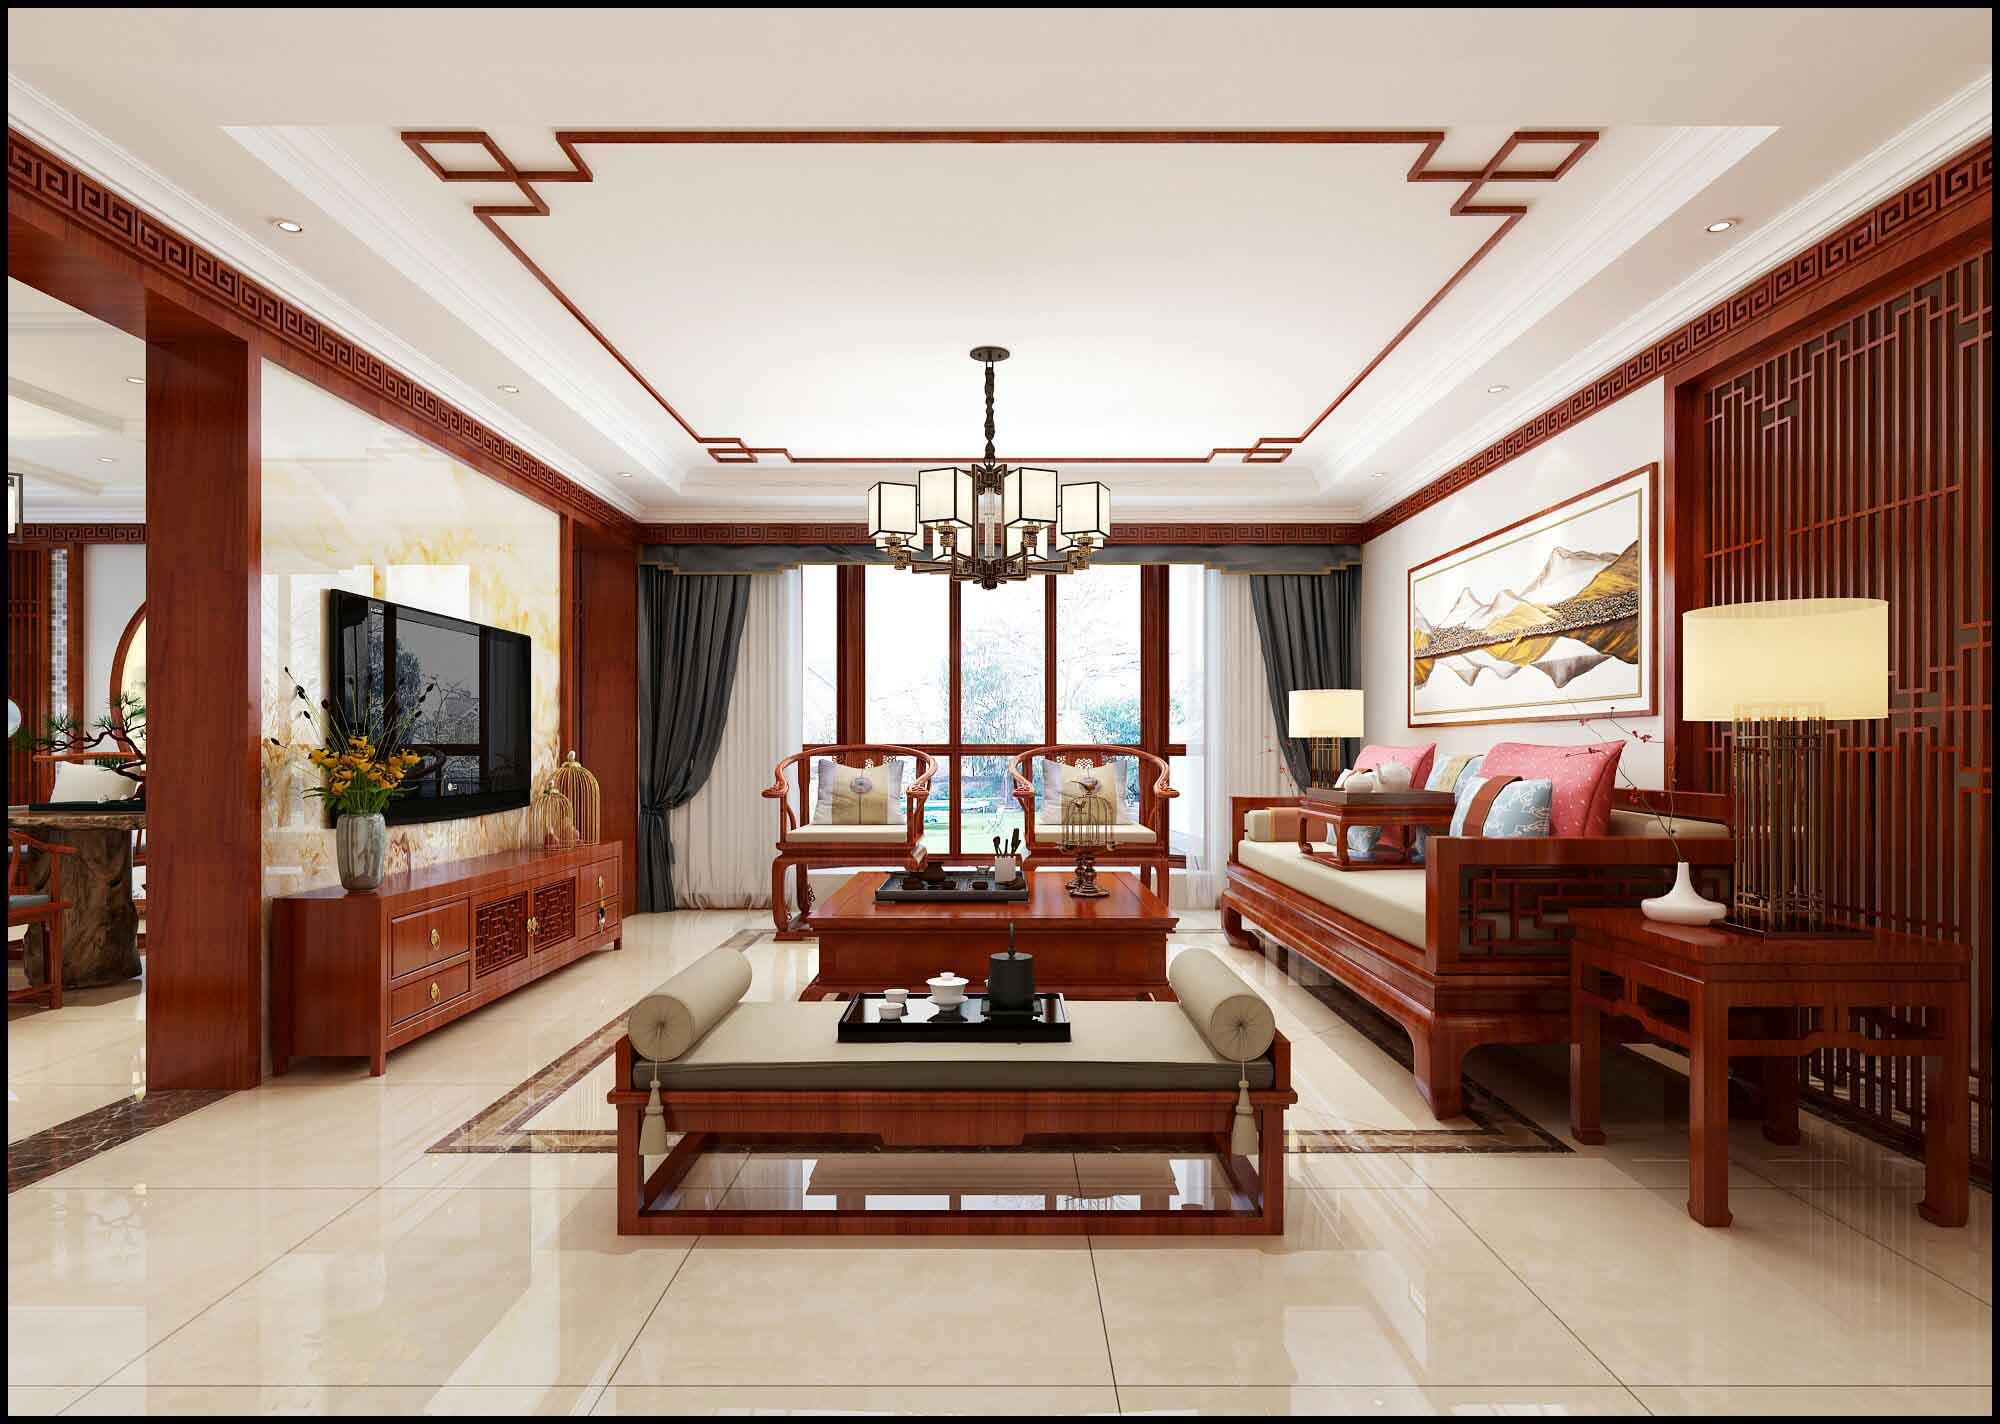 青岛开发区别墅套房装修流行风格-中式风格-专业设计装修